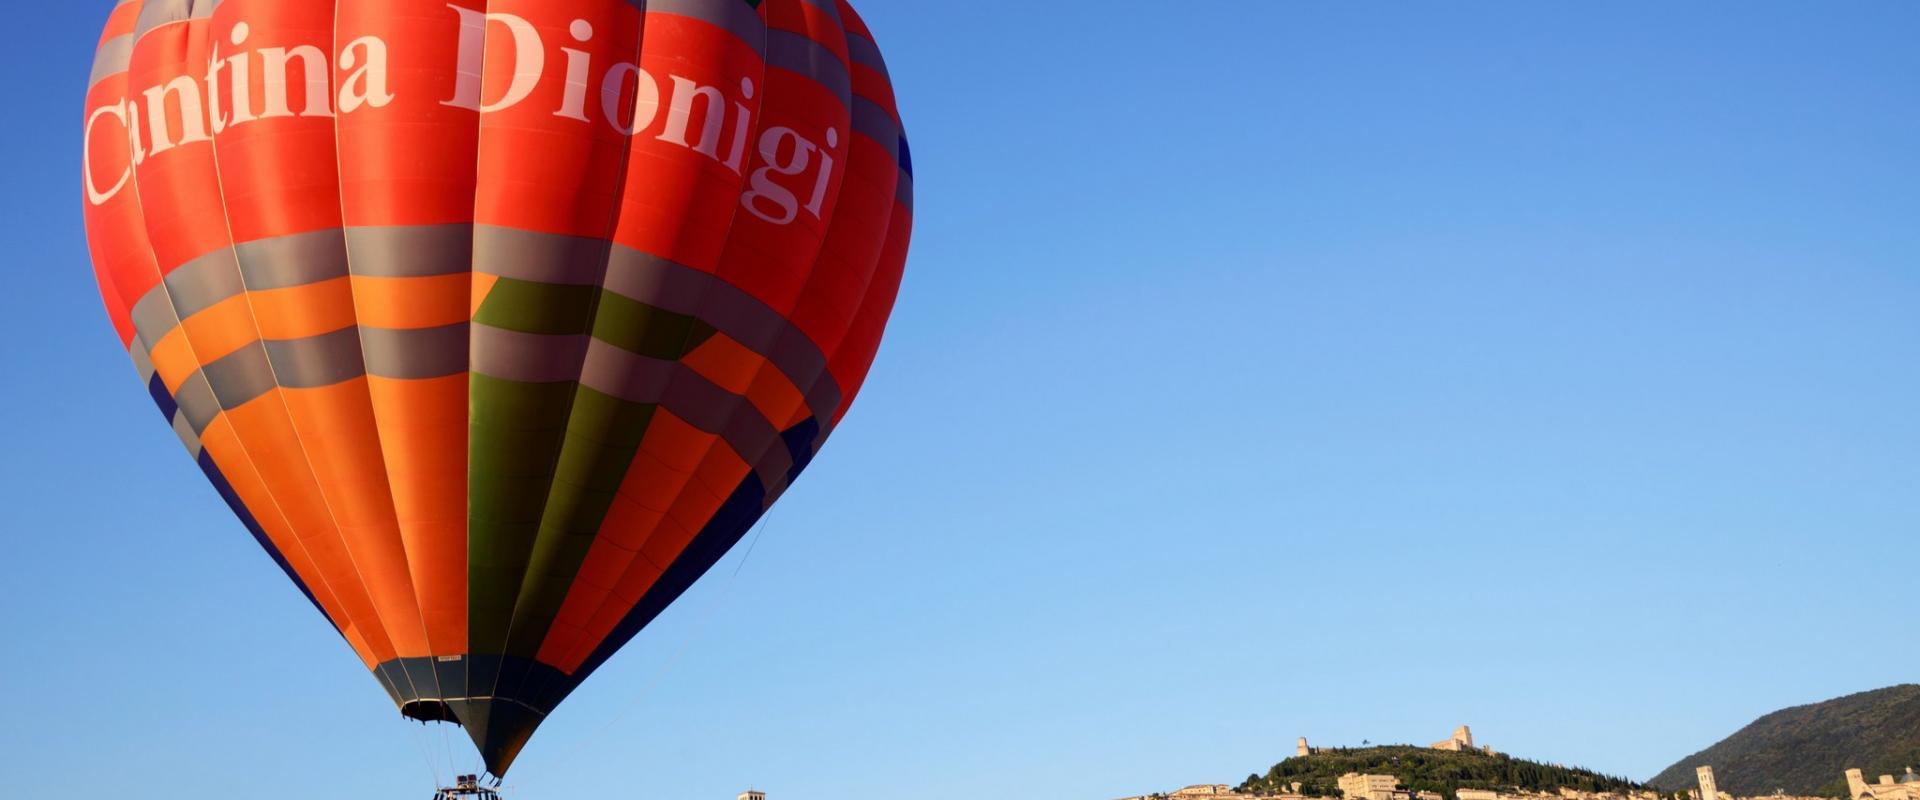 Balloon excursion of Umbria